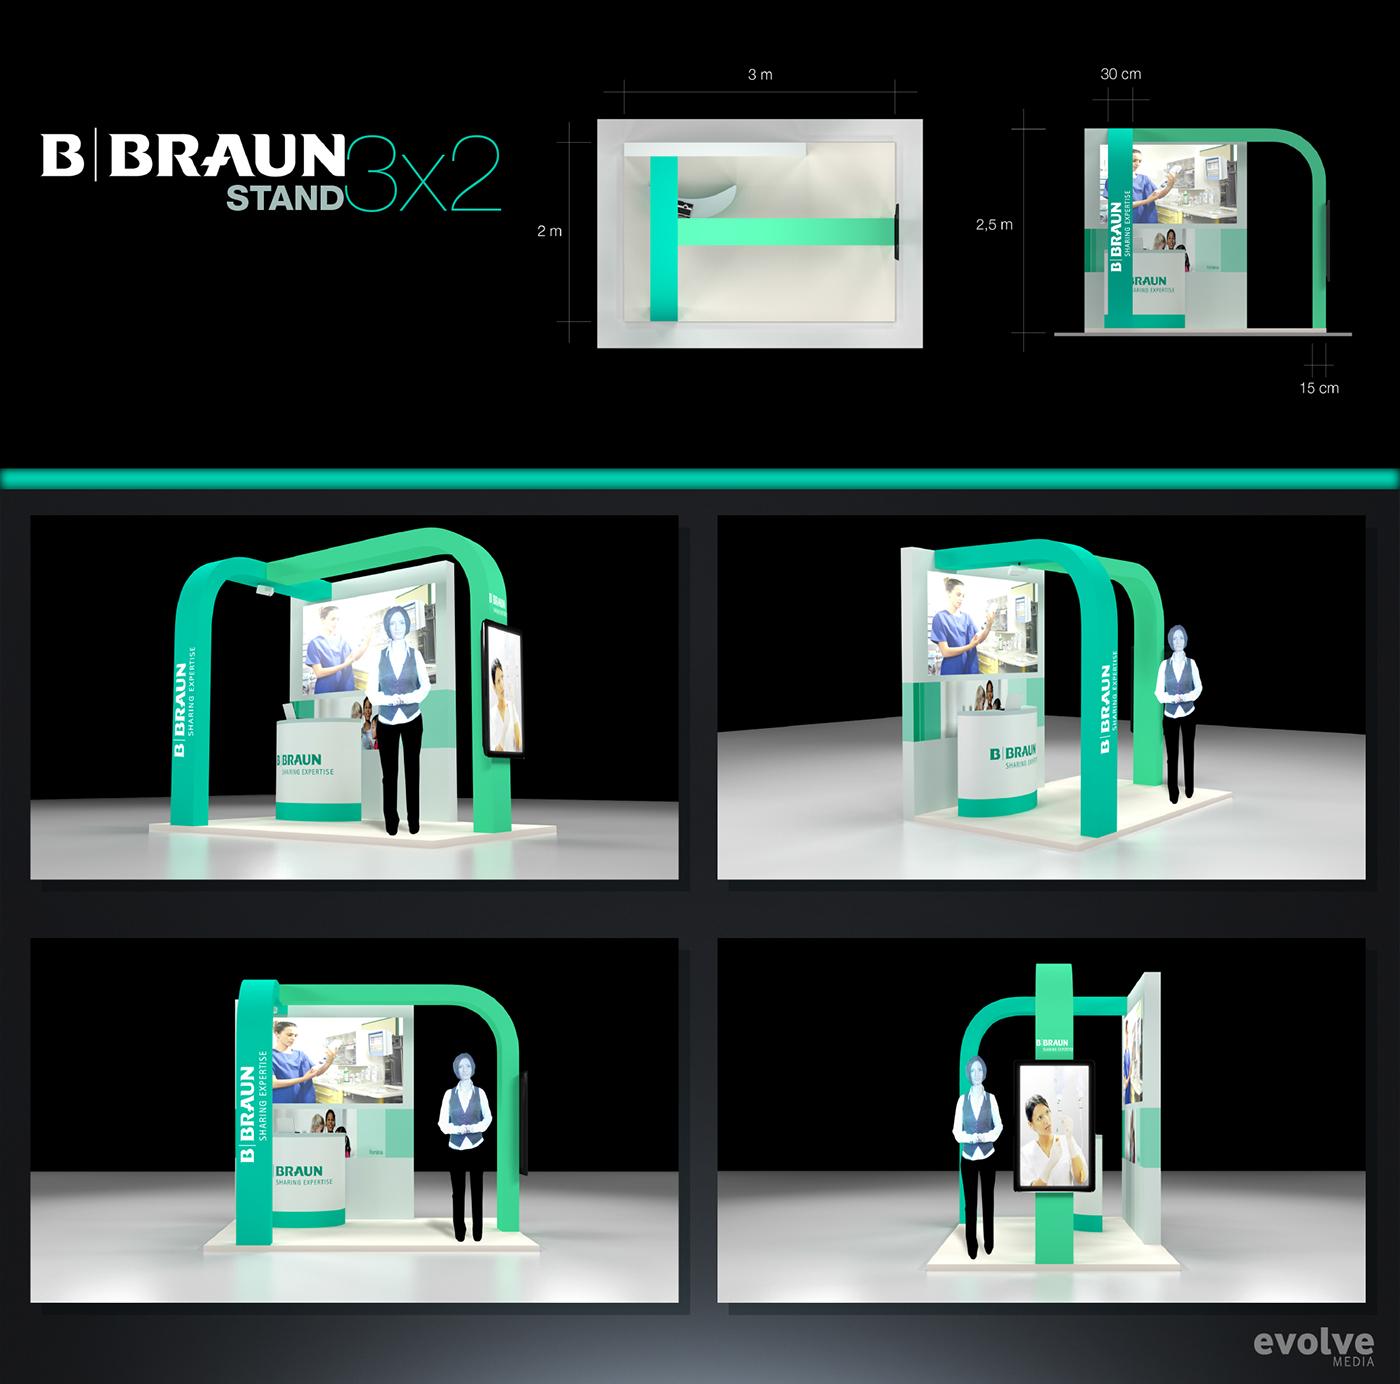 Exhibition Stand Design App : Bbraun exhibition stand design on behance